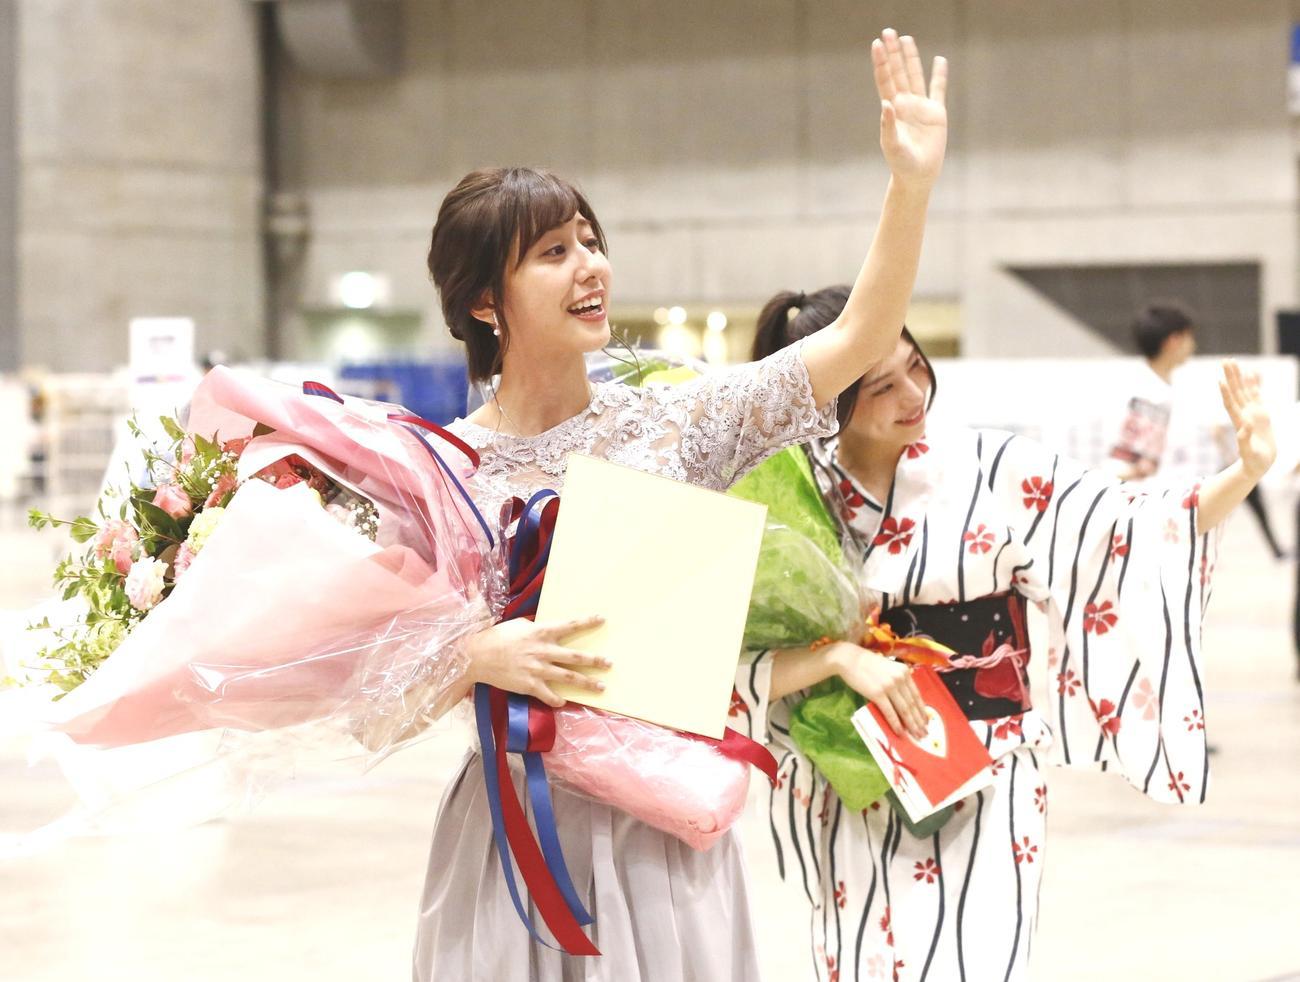 斎藤ちはると相楽伊織が乃木坂46卒業、コール響く - 乃木坂46 : 日刊スポーツ